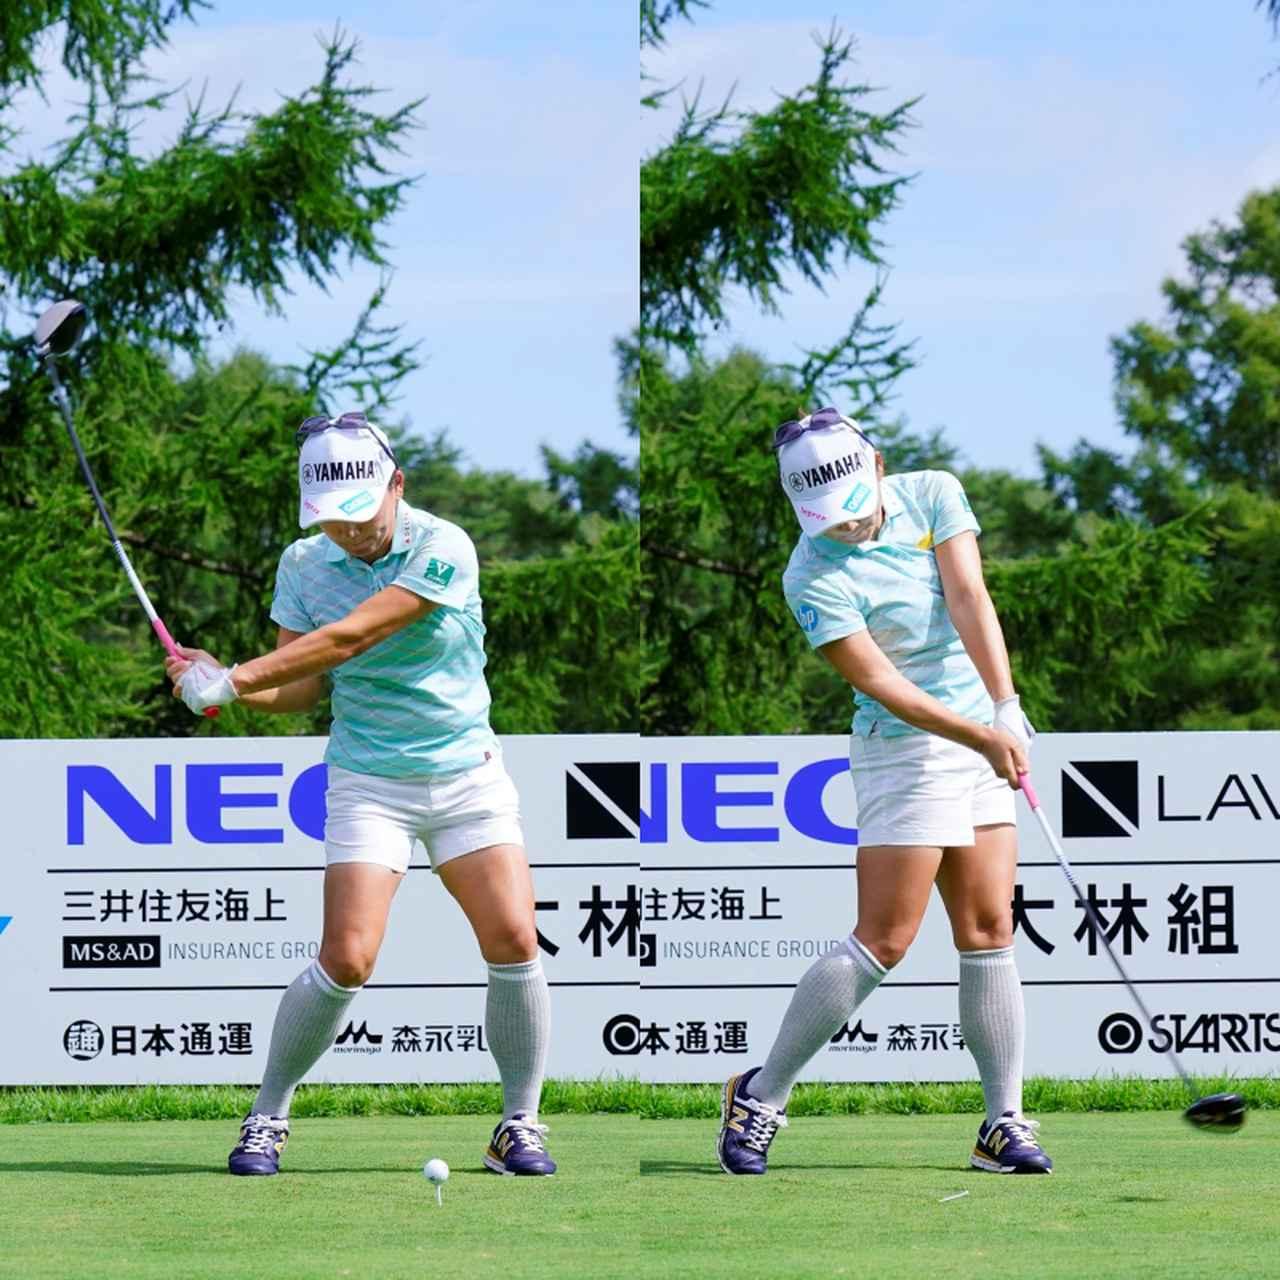 画像: 画像B:左足を踏み込んで切り返し(左)、インパクトでは左手首と前腕が一直線になるようにフラットに使うことでフェースをスクェアに戻し、方向性を確保している(写真は2020年のNEC軽井沢72ゴルフトーナメント 代表撮影/岡沢裕行)